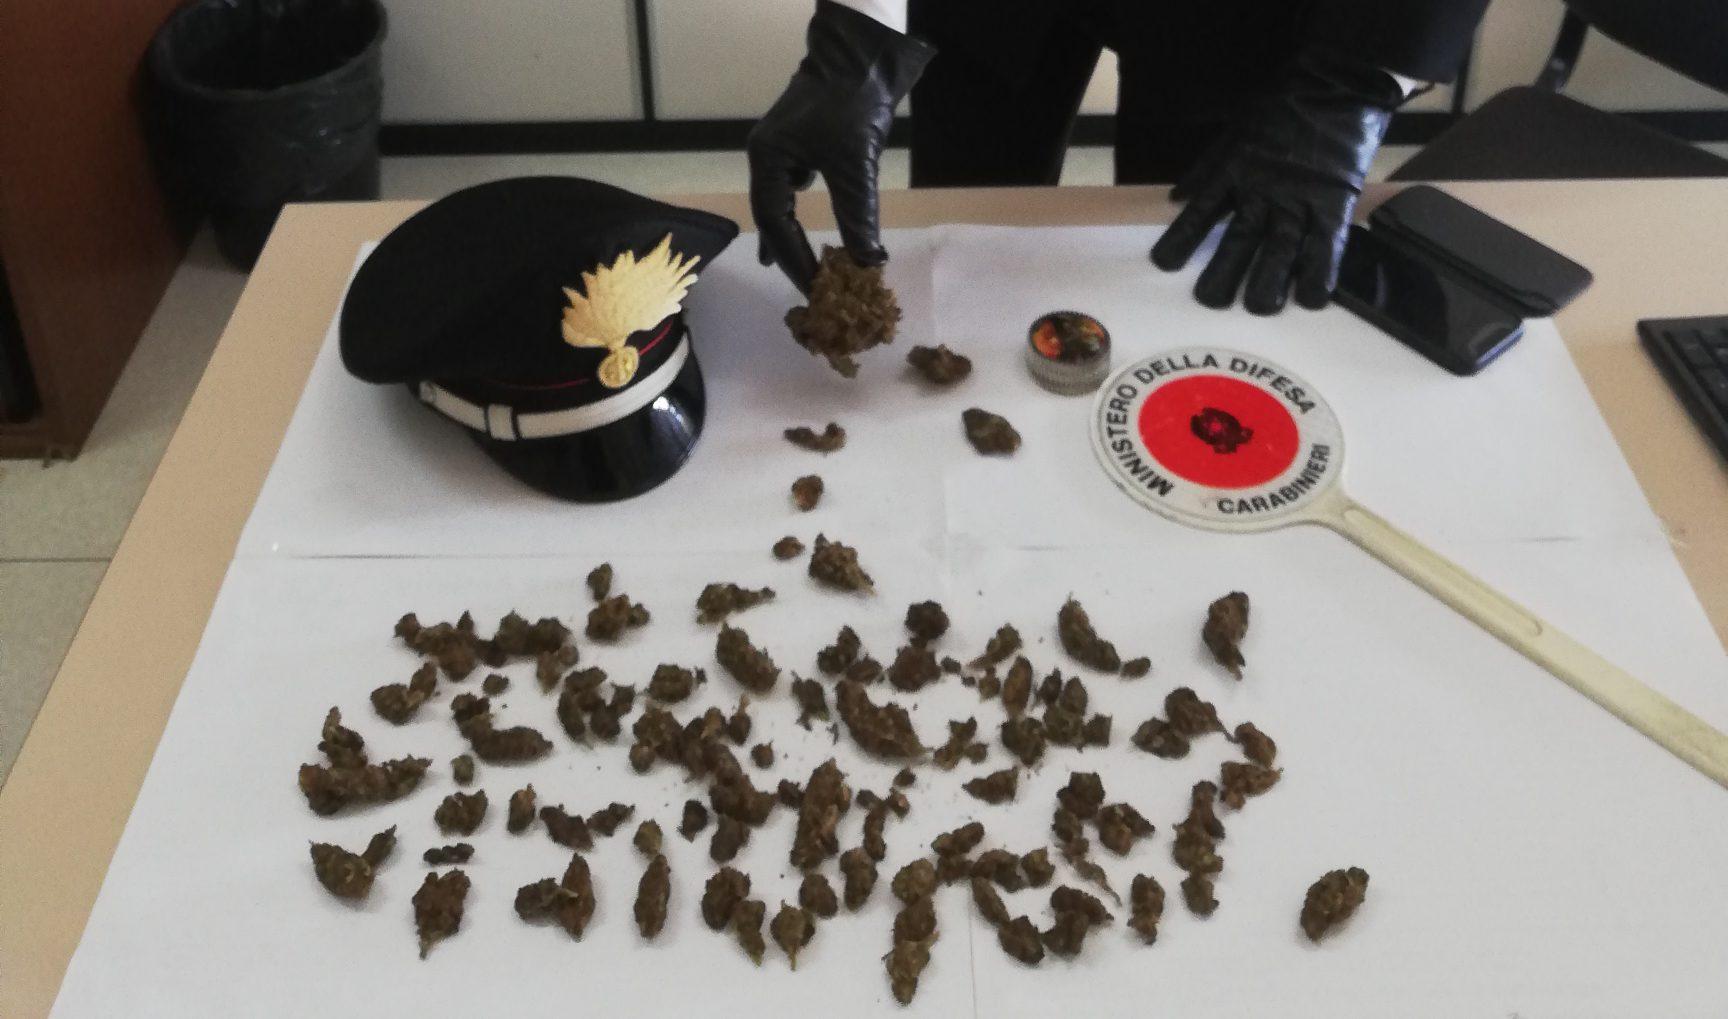 Ispica – Cede droga e coltiva marijuana in casa: arrestato un giovane di 19 anni